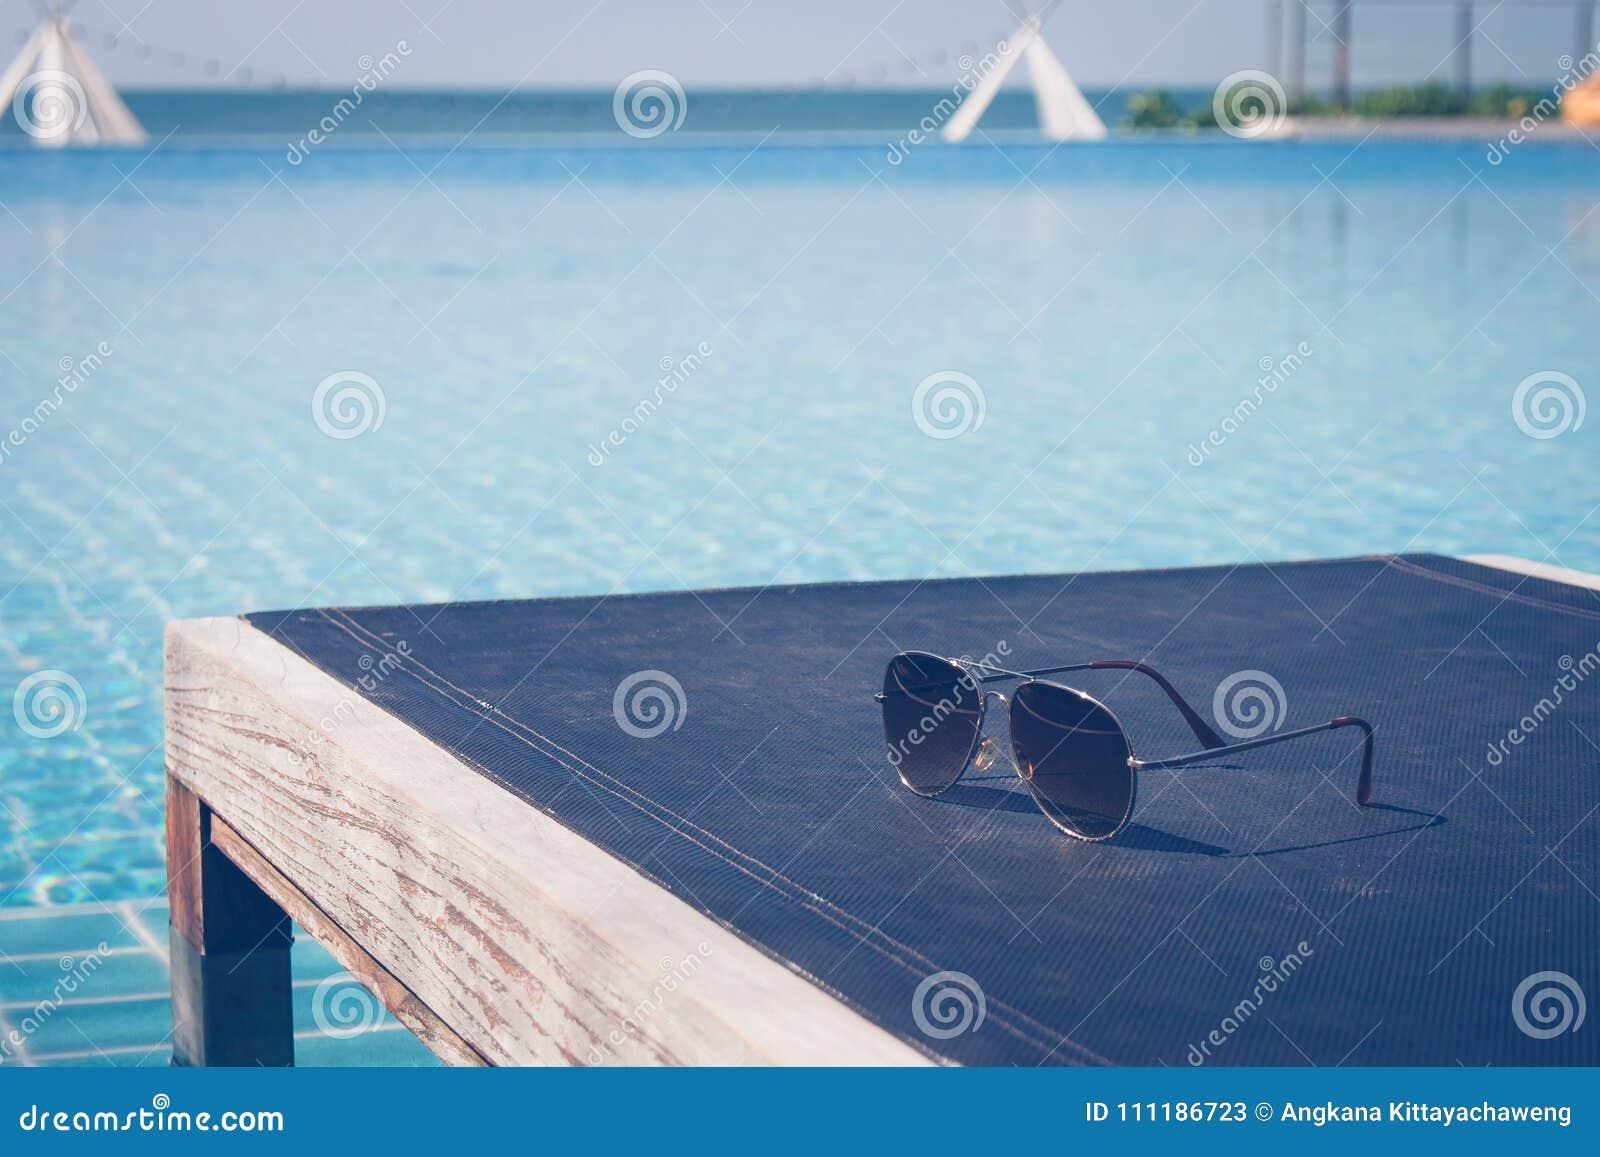 Sommer-Ferien und Feiertags-Konzept: Sonnenbrille setzte an hölzernen Daybed in Swimmingpool mit Meerblickansicht in Hintergrund